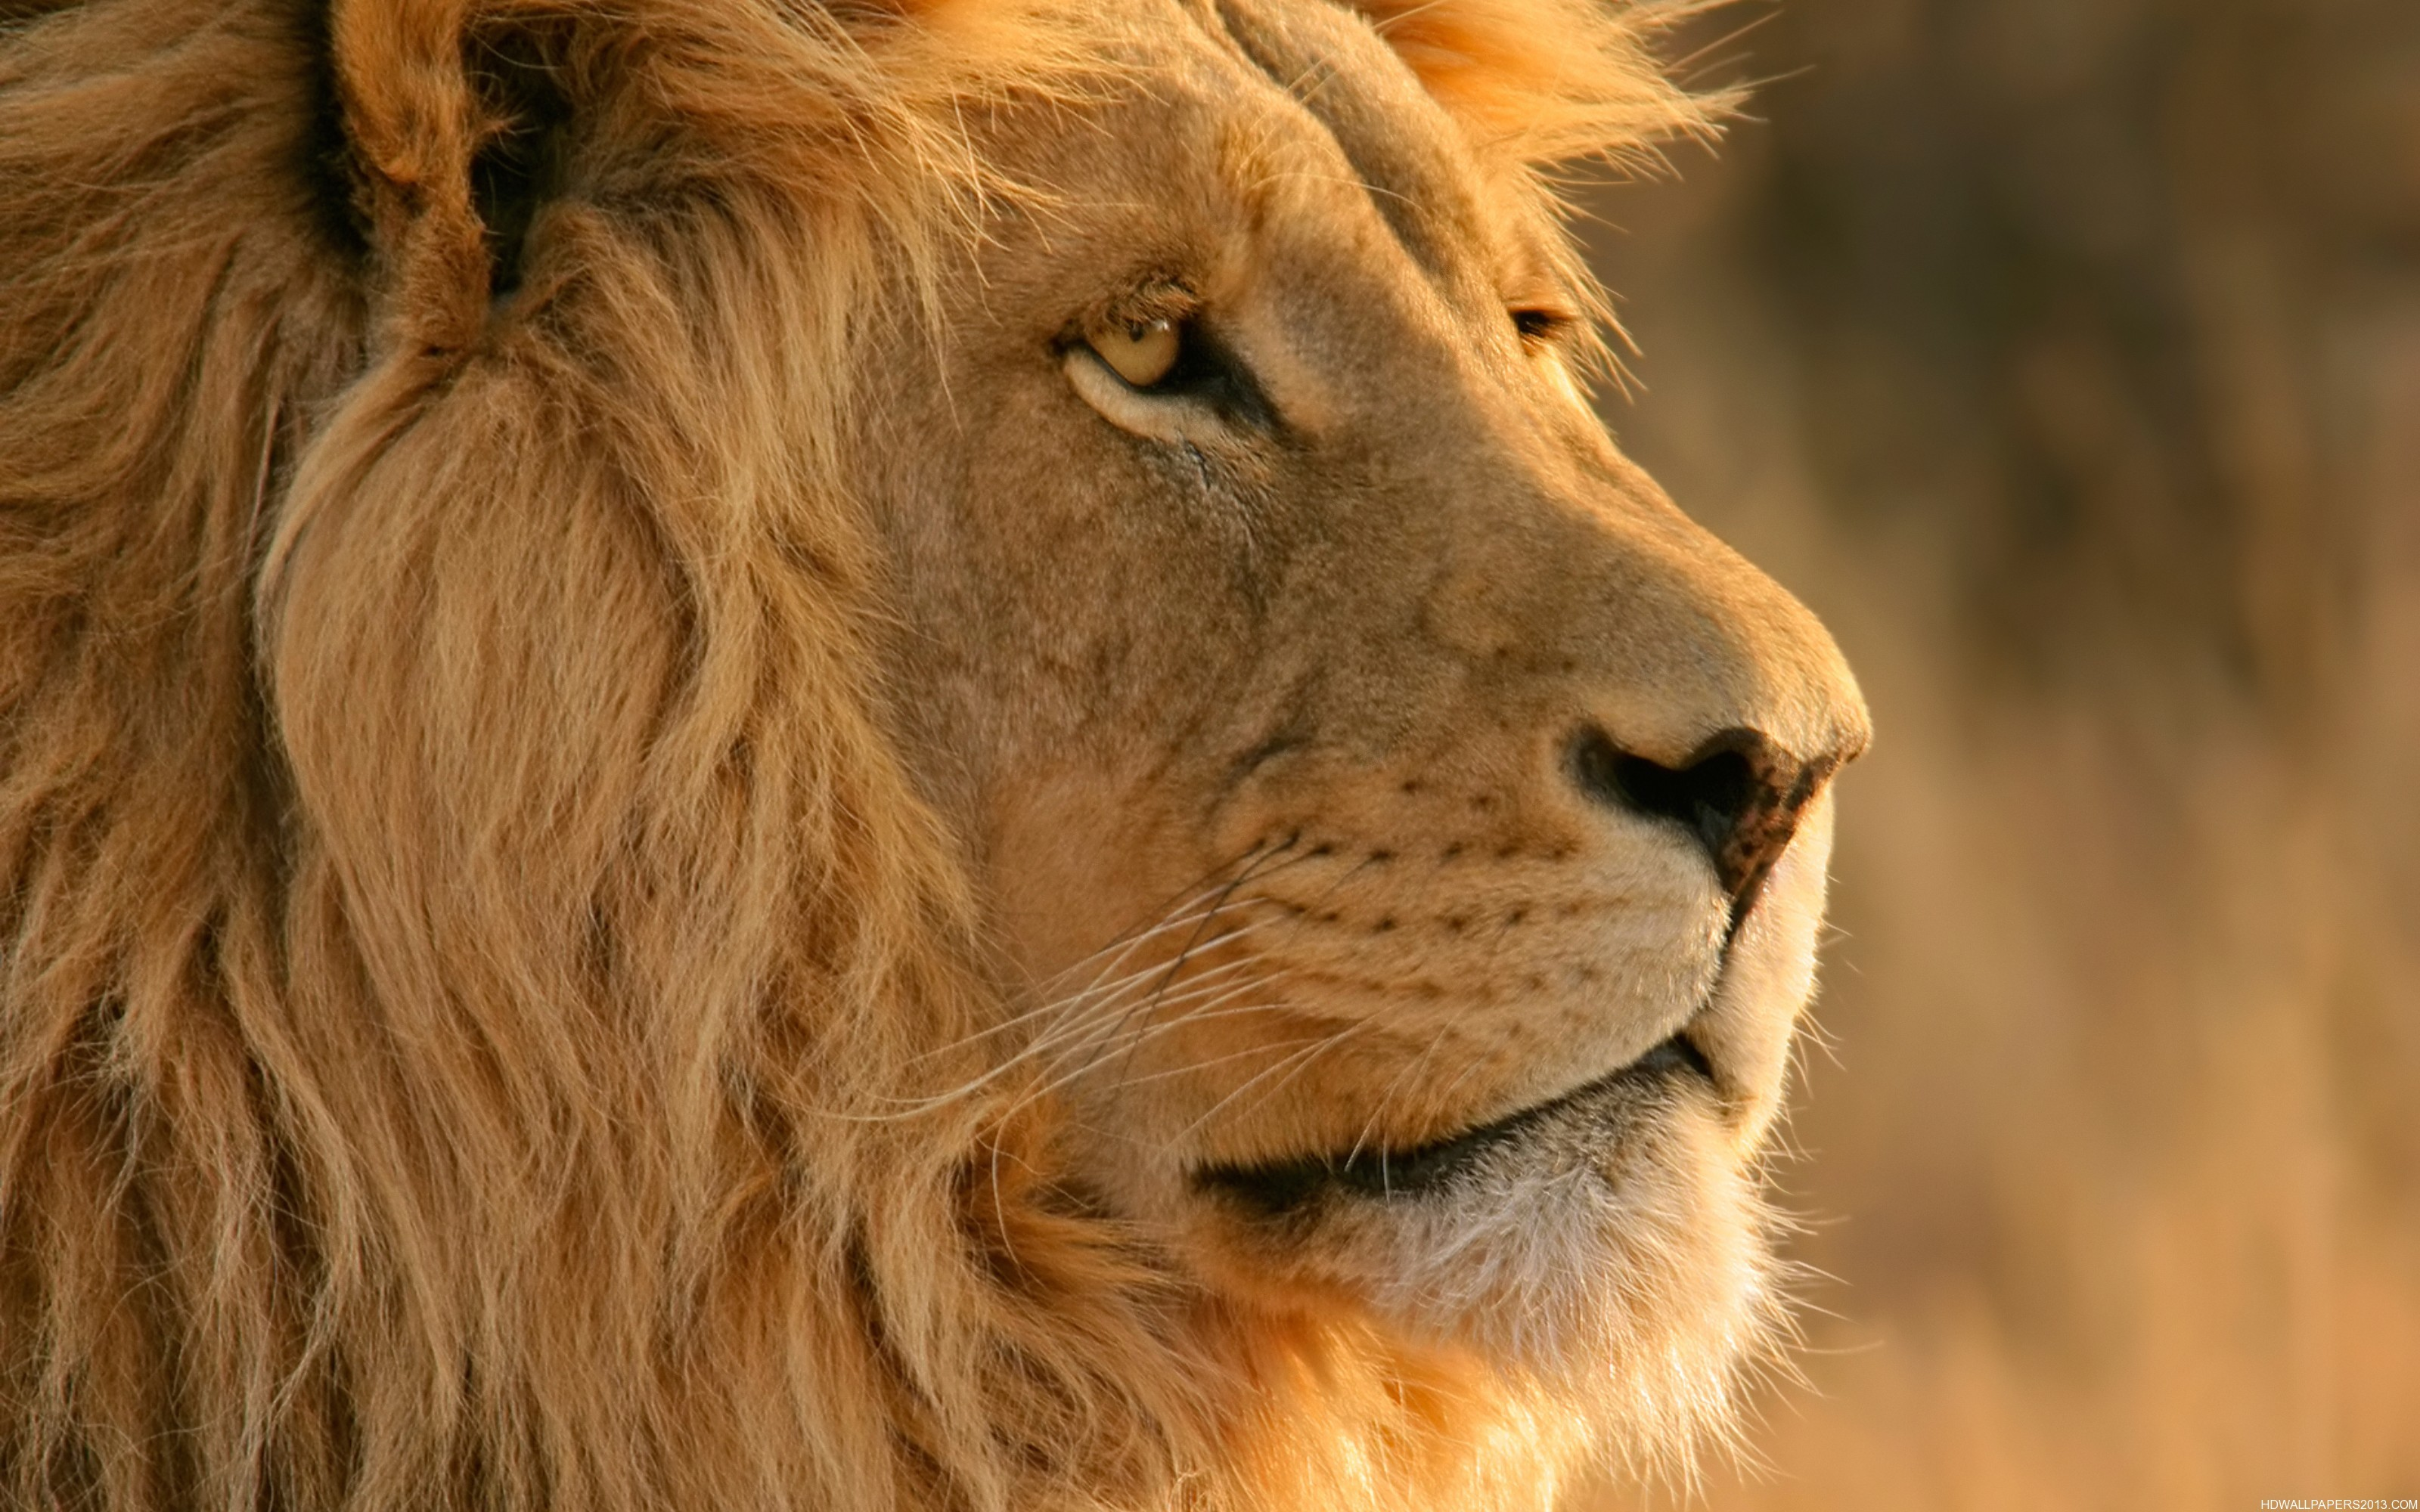 Res: 3200x2000, Lion face